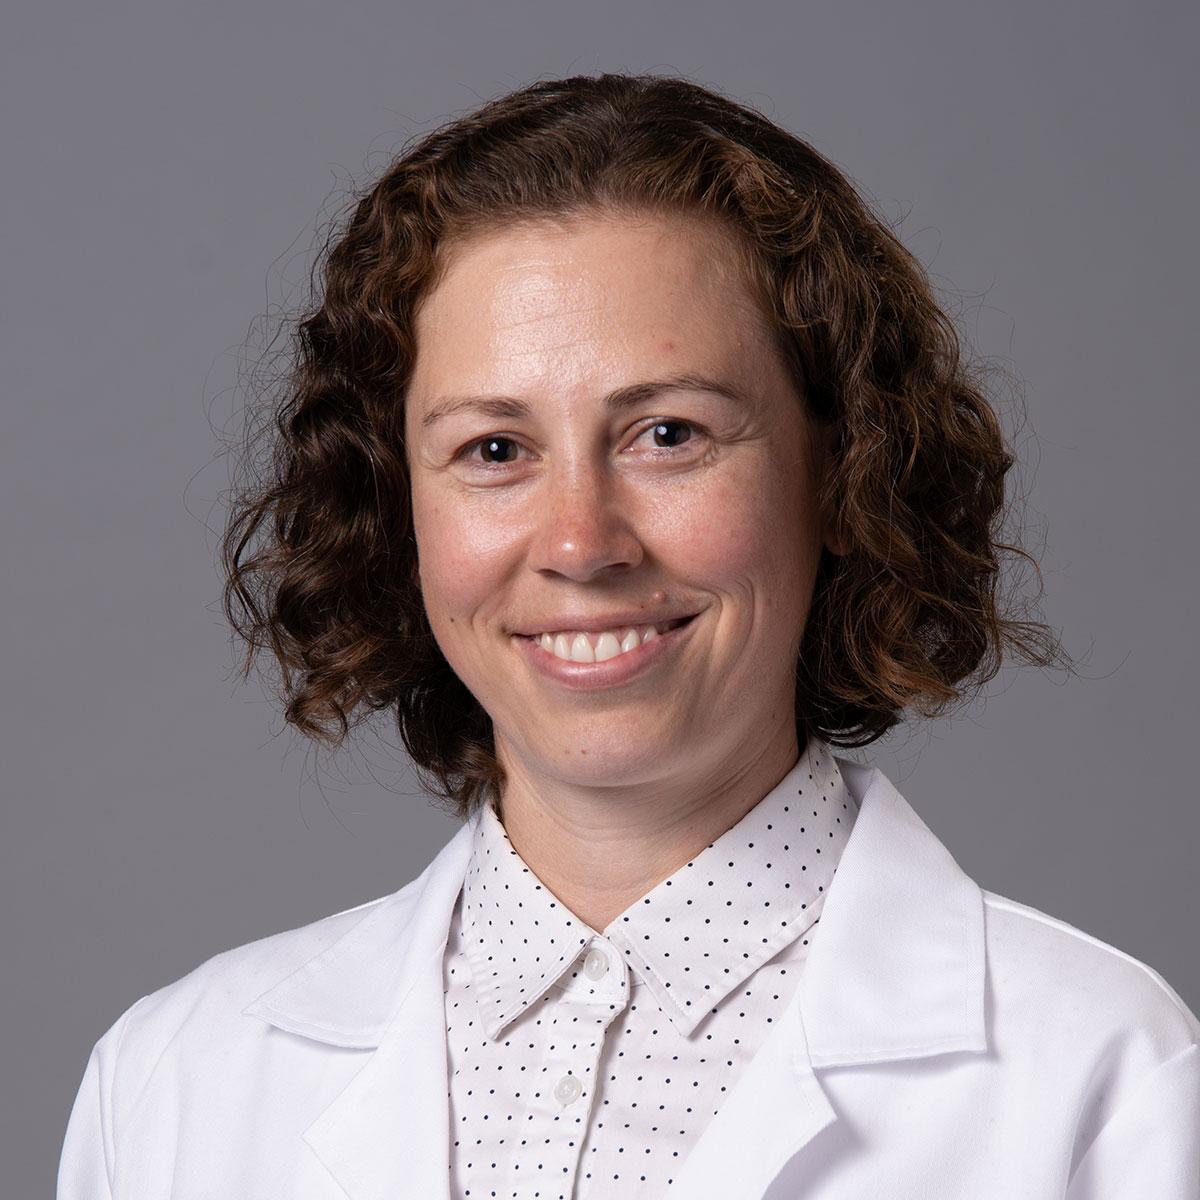 A friendly headshot of Dr. Allison Auchter